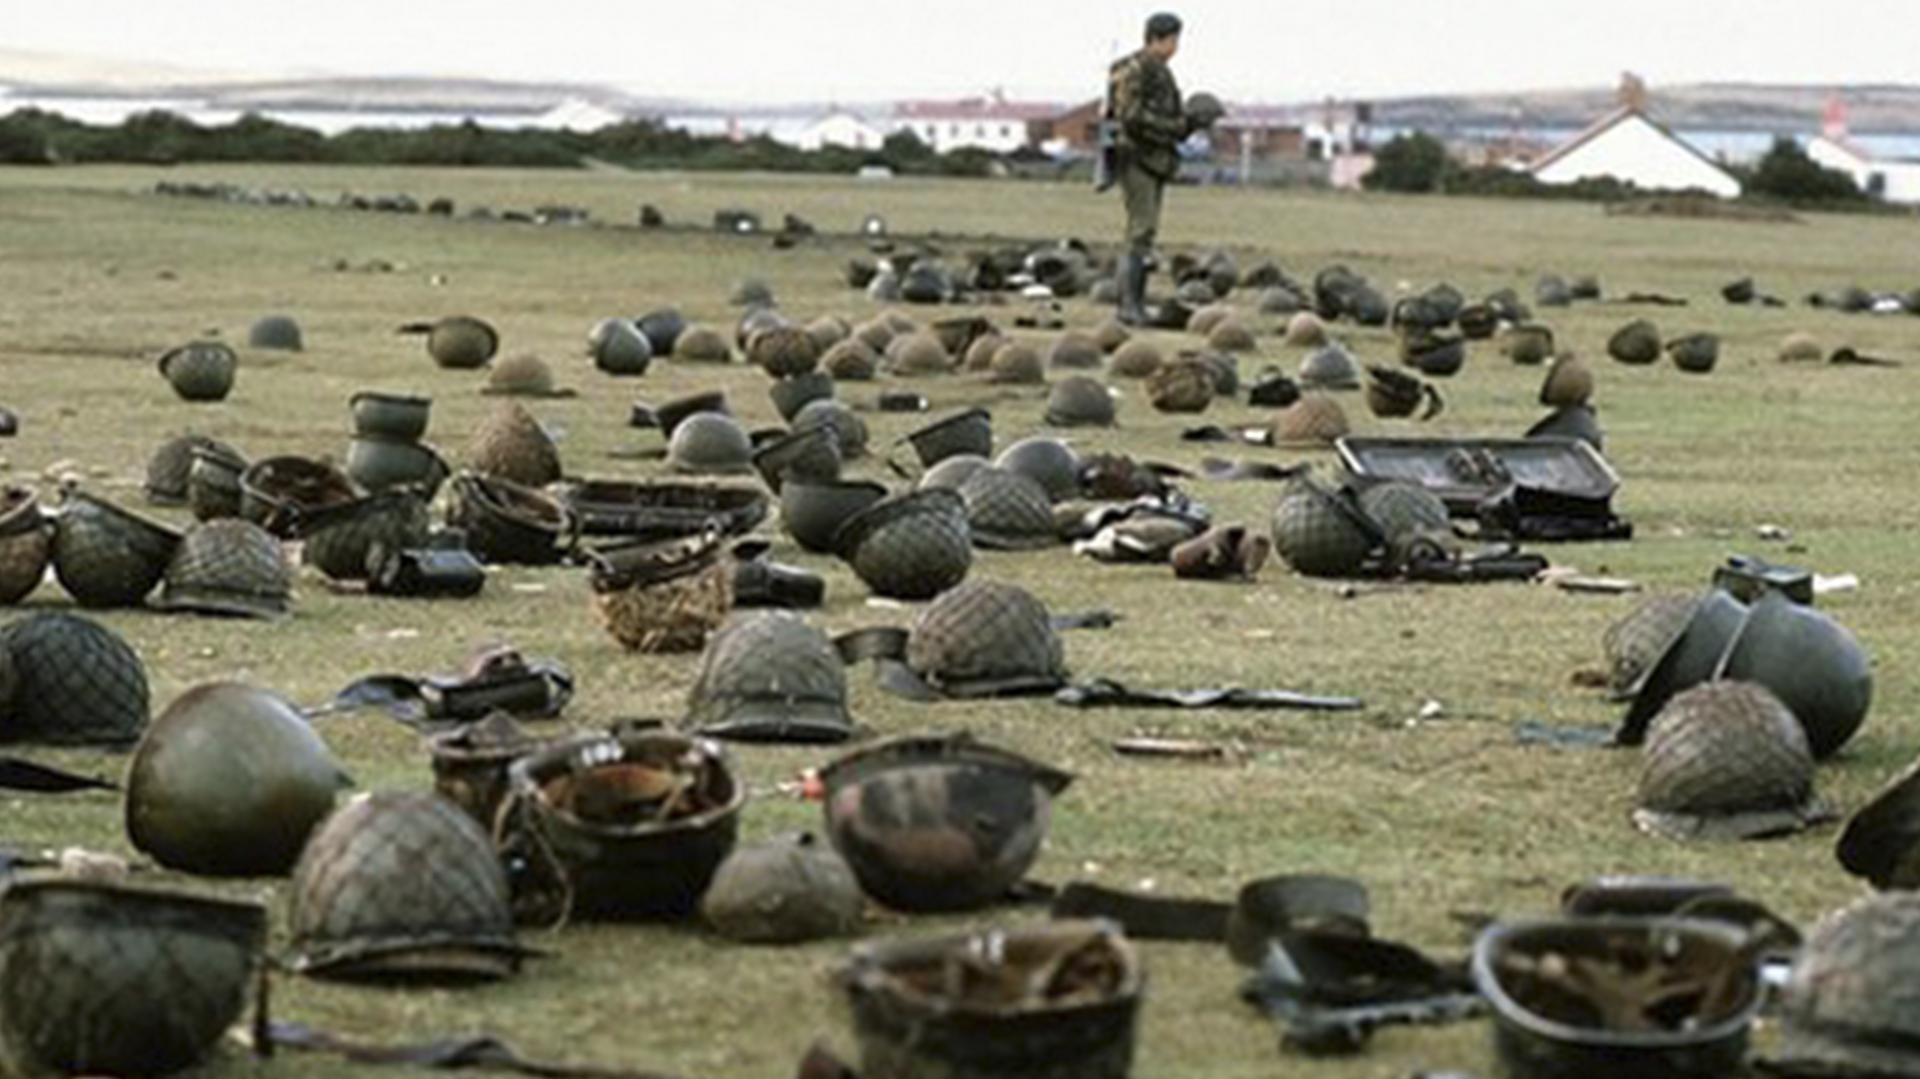 La rendición llegó el 14 de junio a las nueve de la noche. Los soldados combatieron hasta el minuto final entre bombardeos constantes de la flota británica